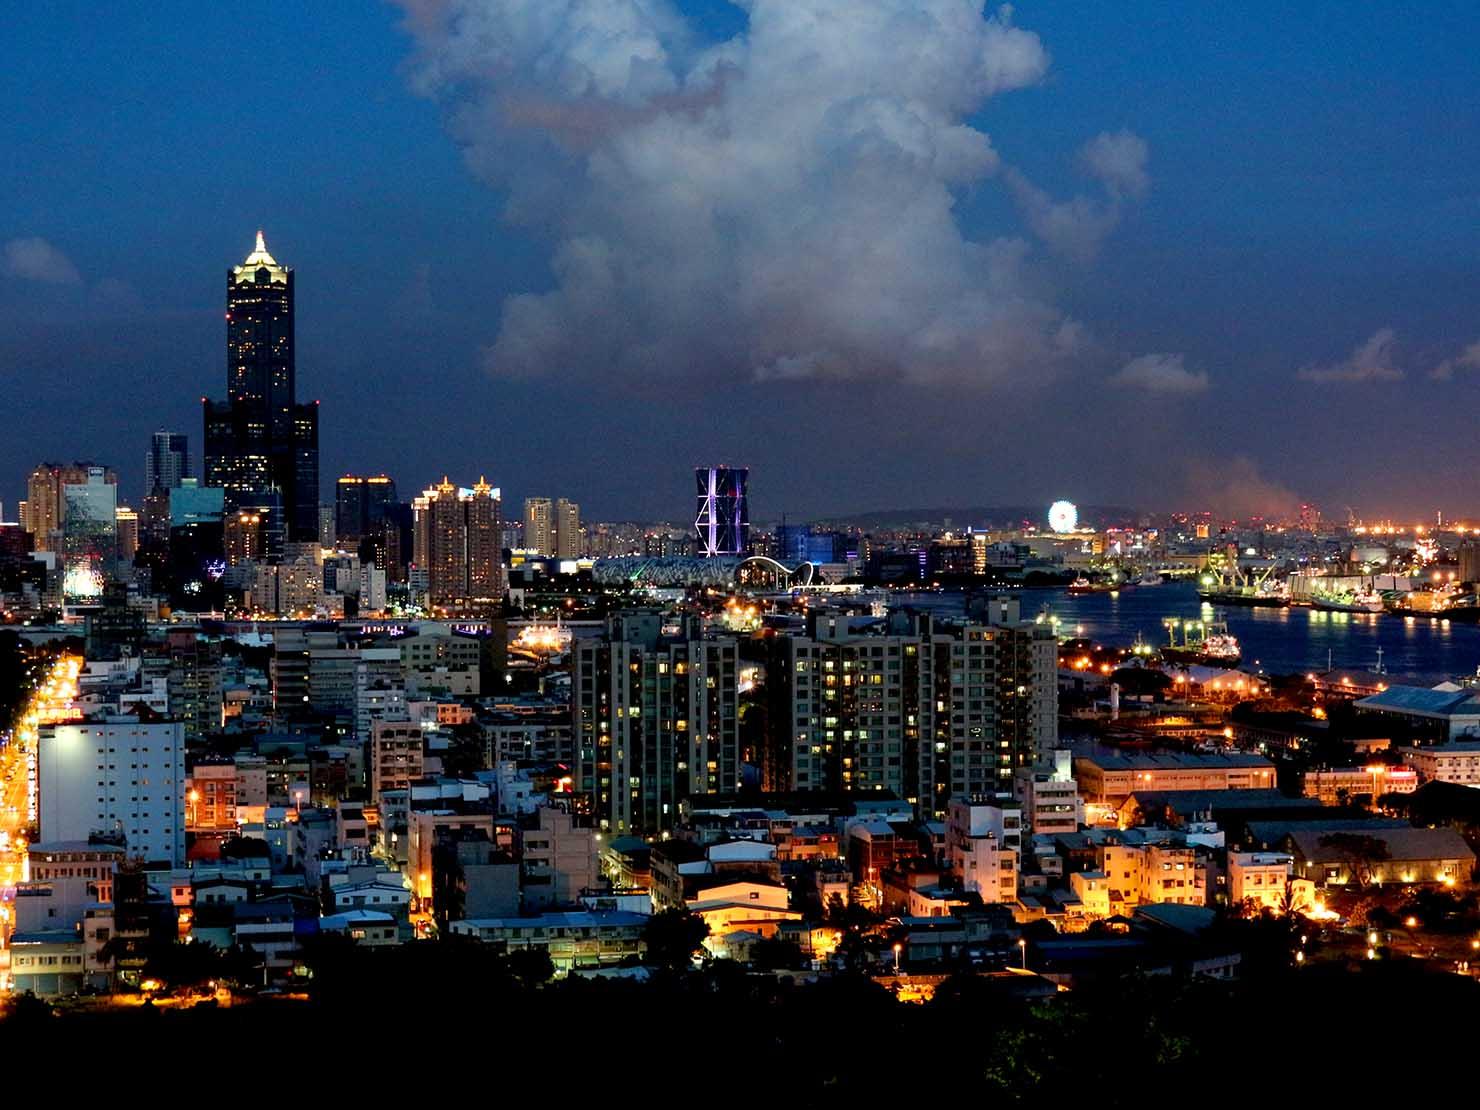 高雄のおすすめ観光スポット「西子灣」忠烈祠から眺める夜景